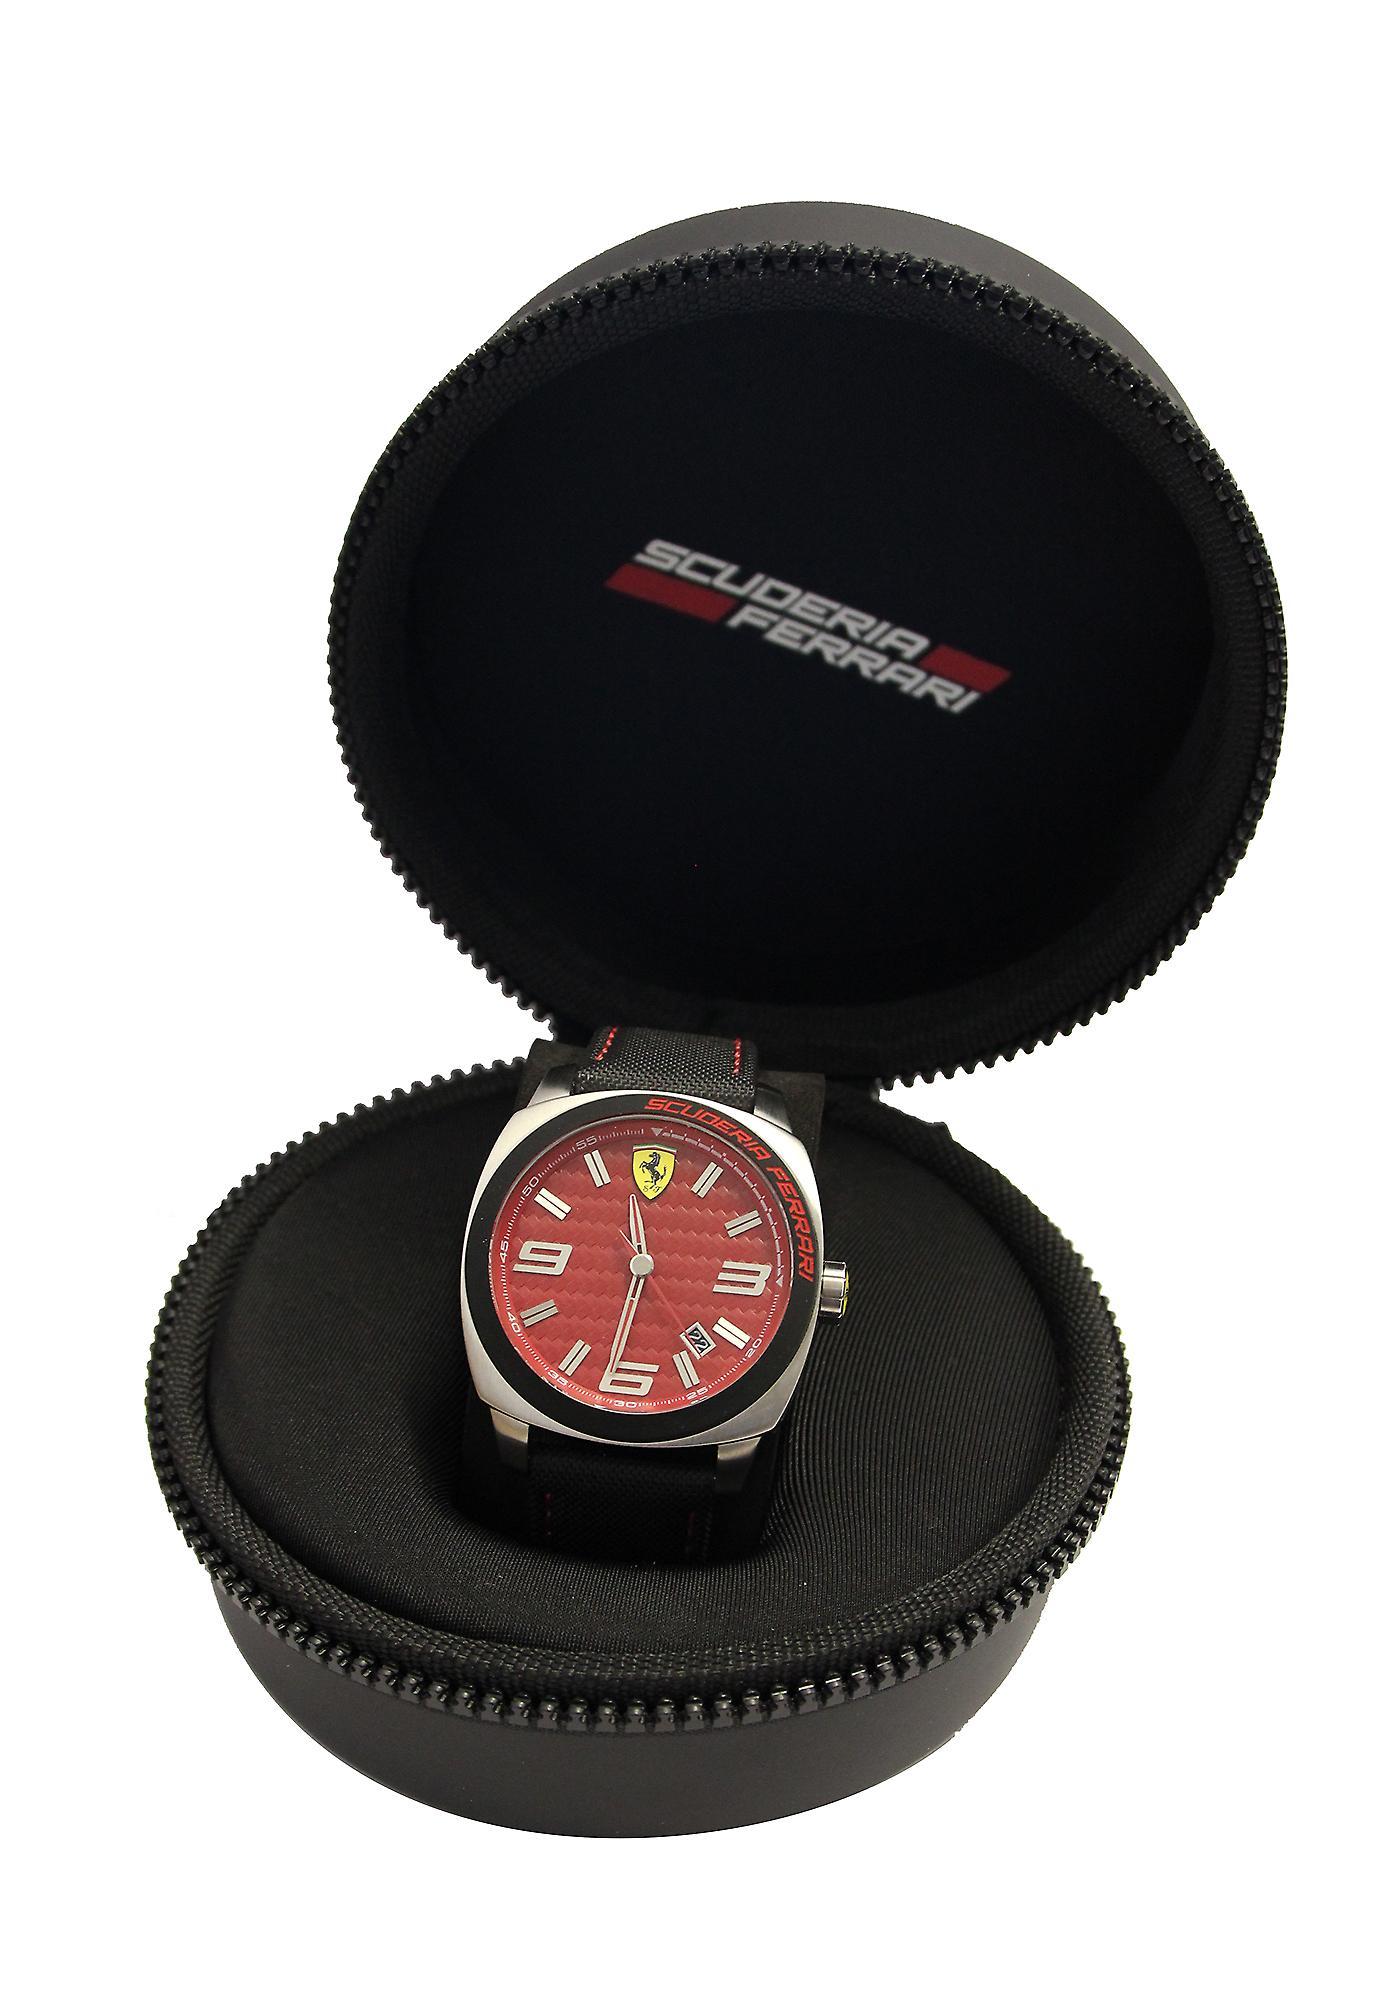 Waooh - Watch scuderia Ferrari aero evo